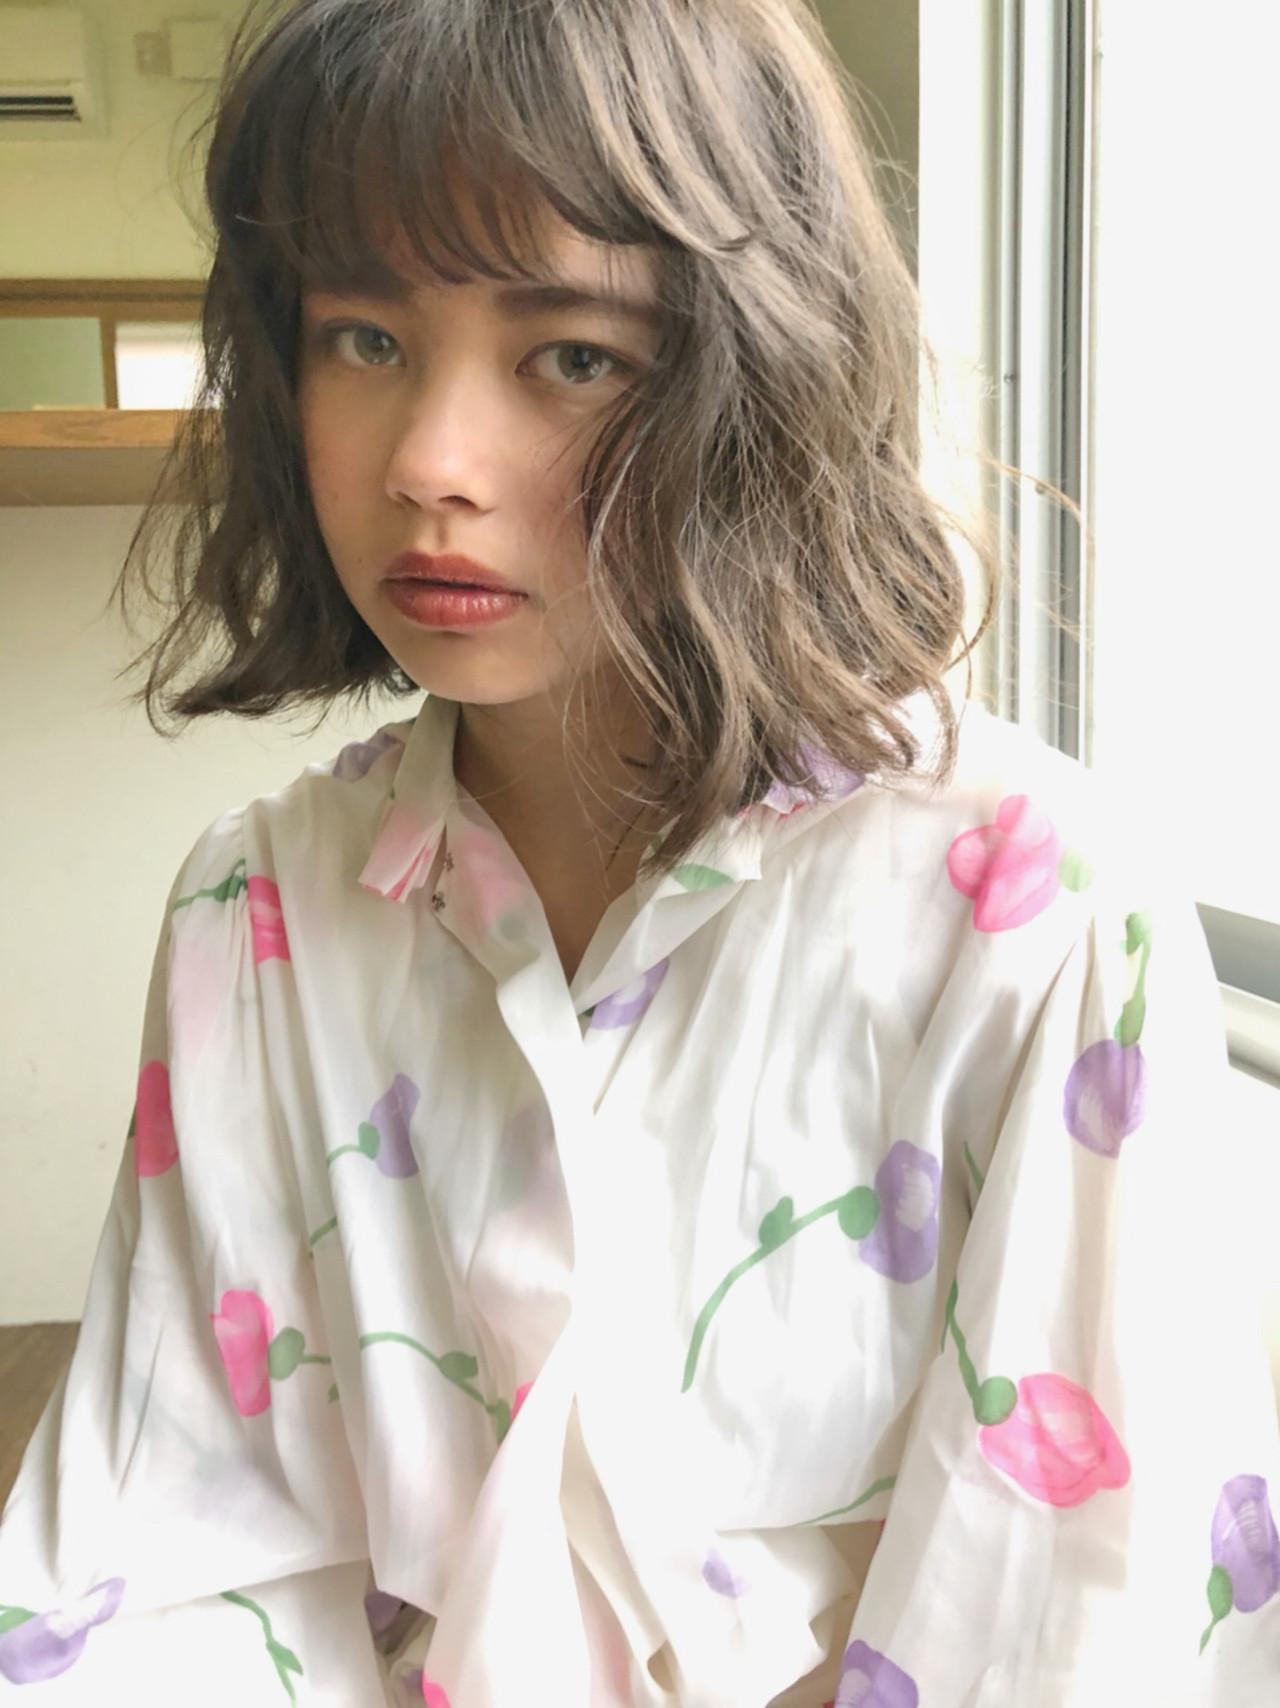 アンニュイほつれヘア ゆるふわ ガーリー ボブ ヘアスタイルや髪型の写真・画像 | 中島 潮里 / whyte / whyte